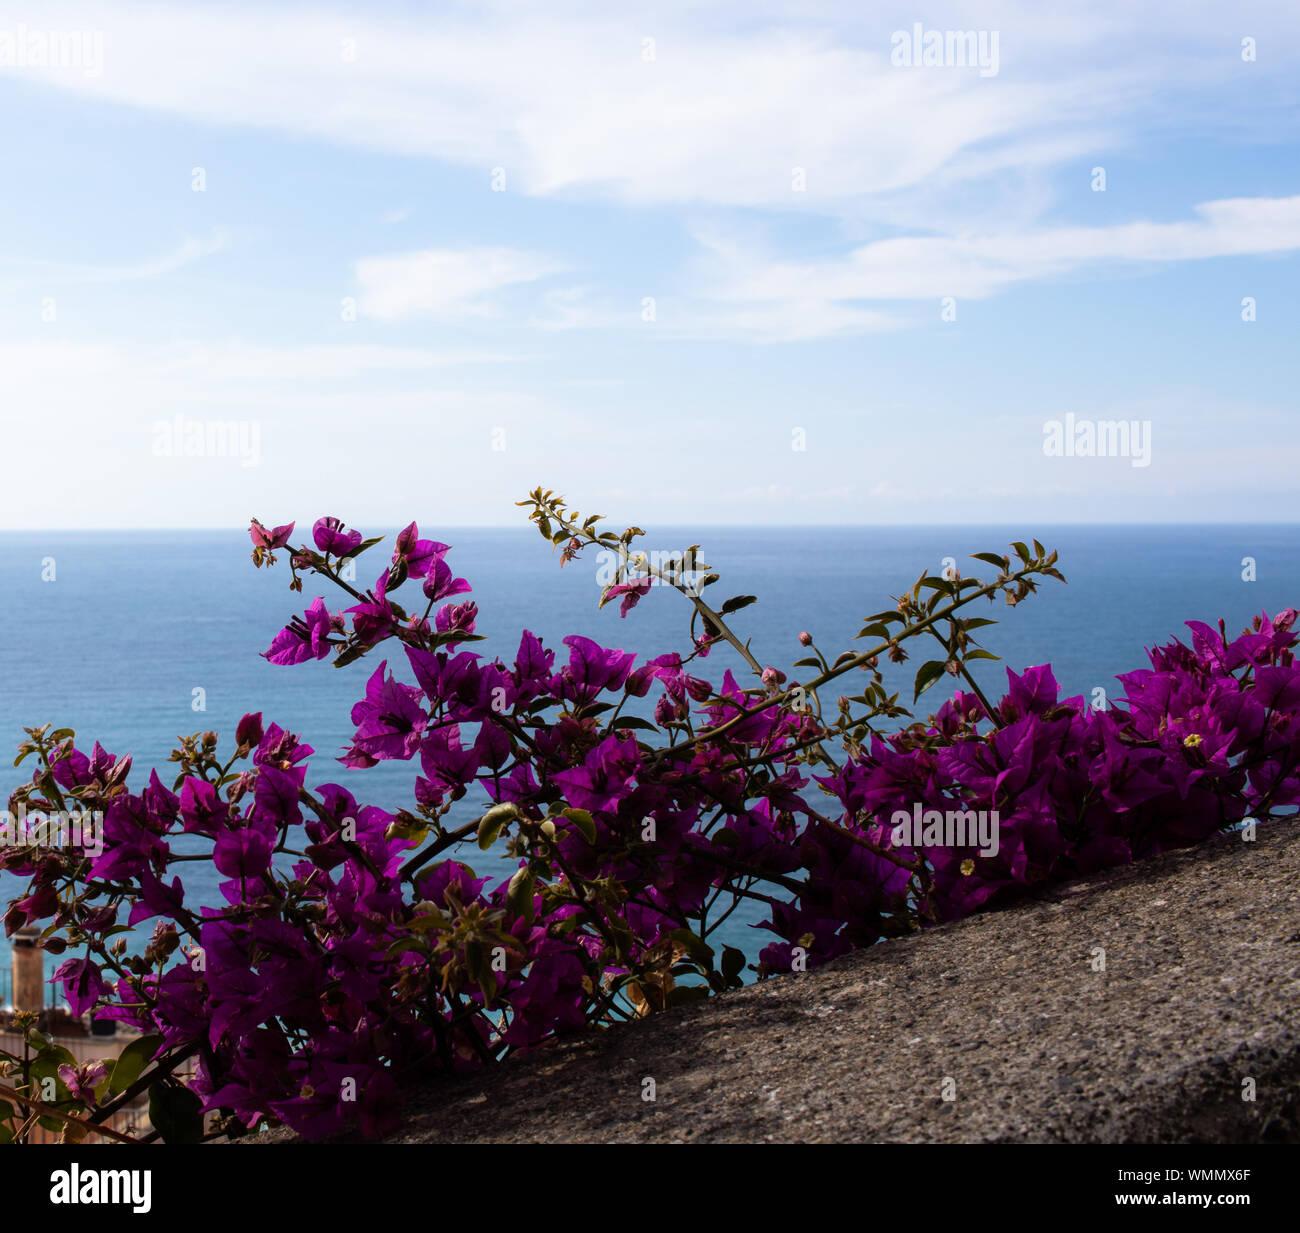 Paysage mer ligurienne avec ciel bleu avec des fleurs violettes amd nuageux Banque D'Images